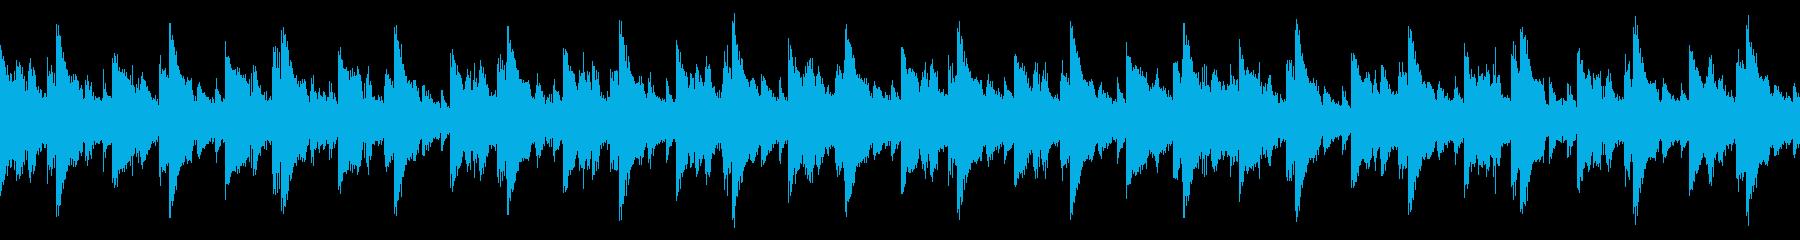 キラキラ輝く雰囲気のエレクトロポップの再生済みの波形